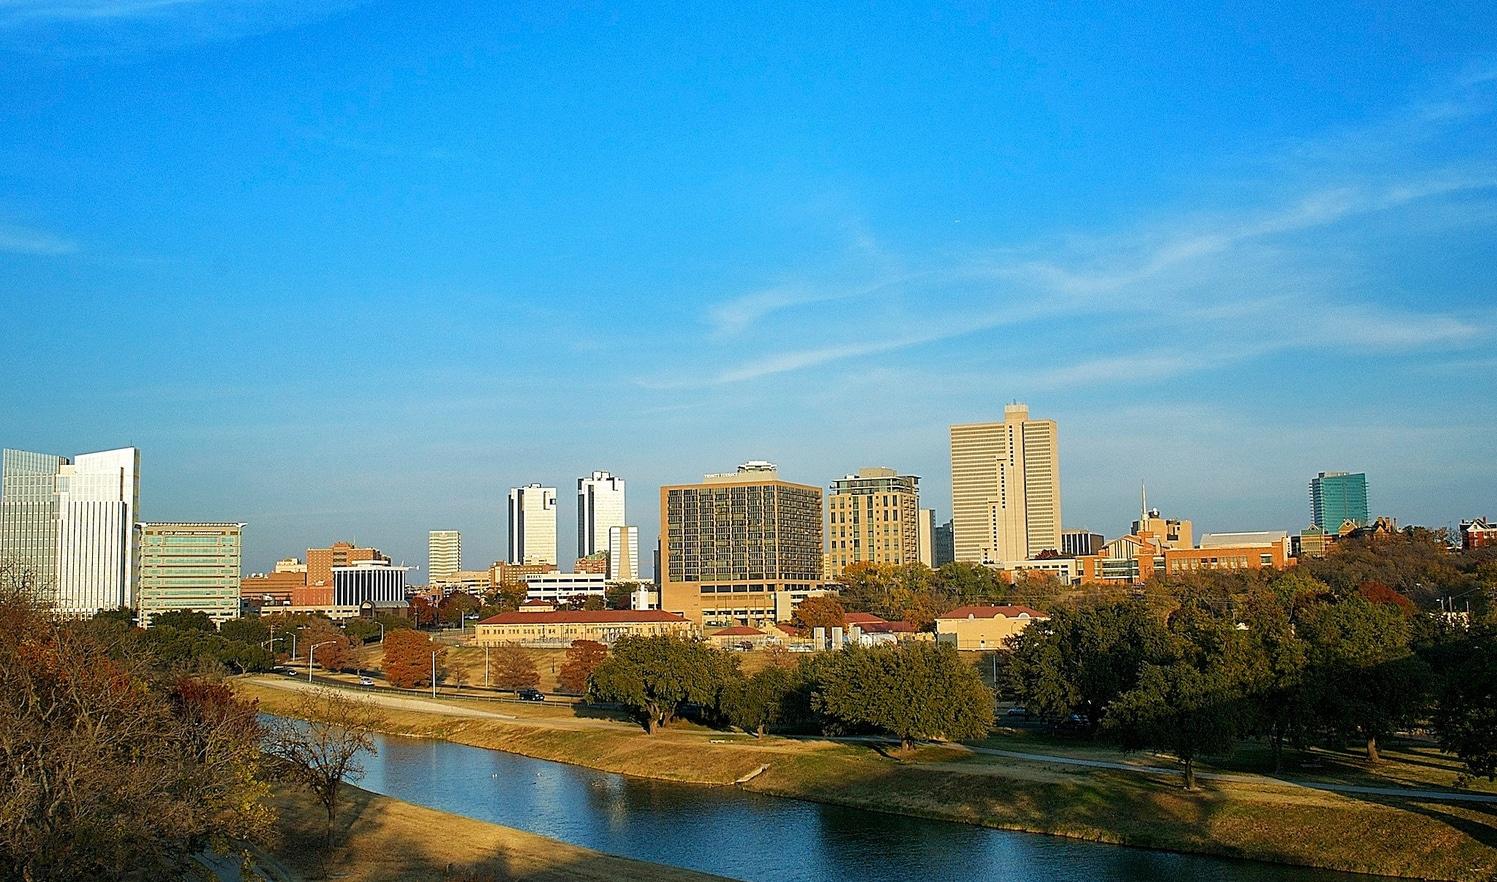 O panoramă superbă cu partea centrală a Fort Worth, Texas